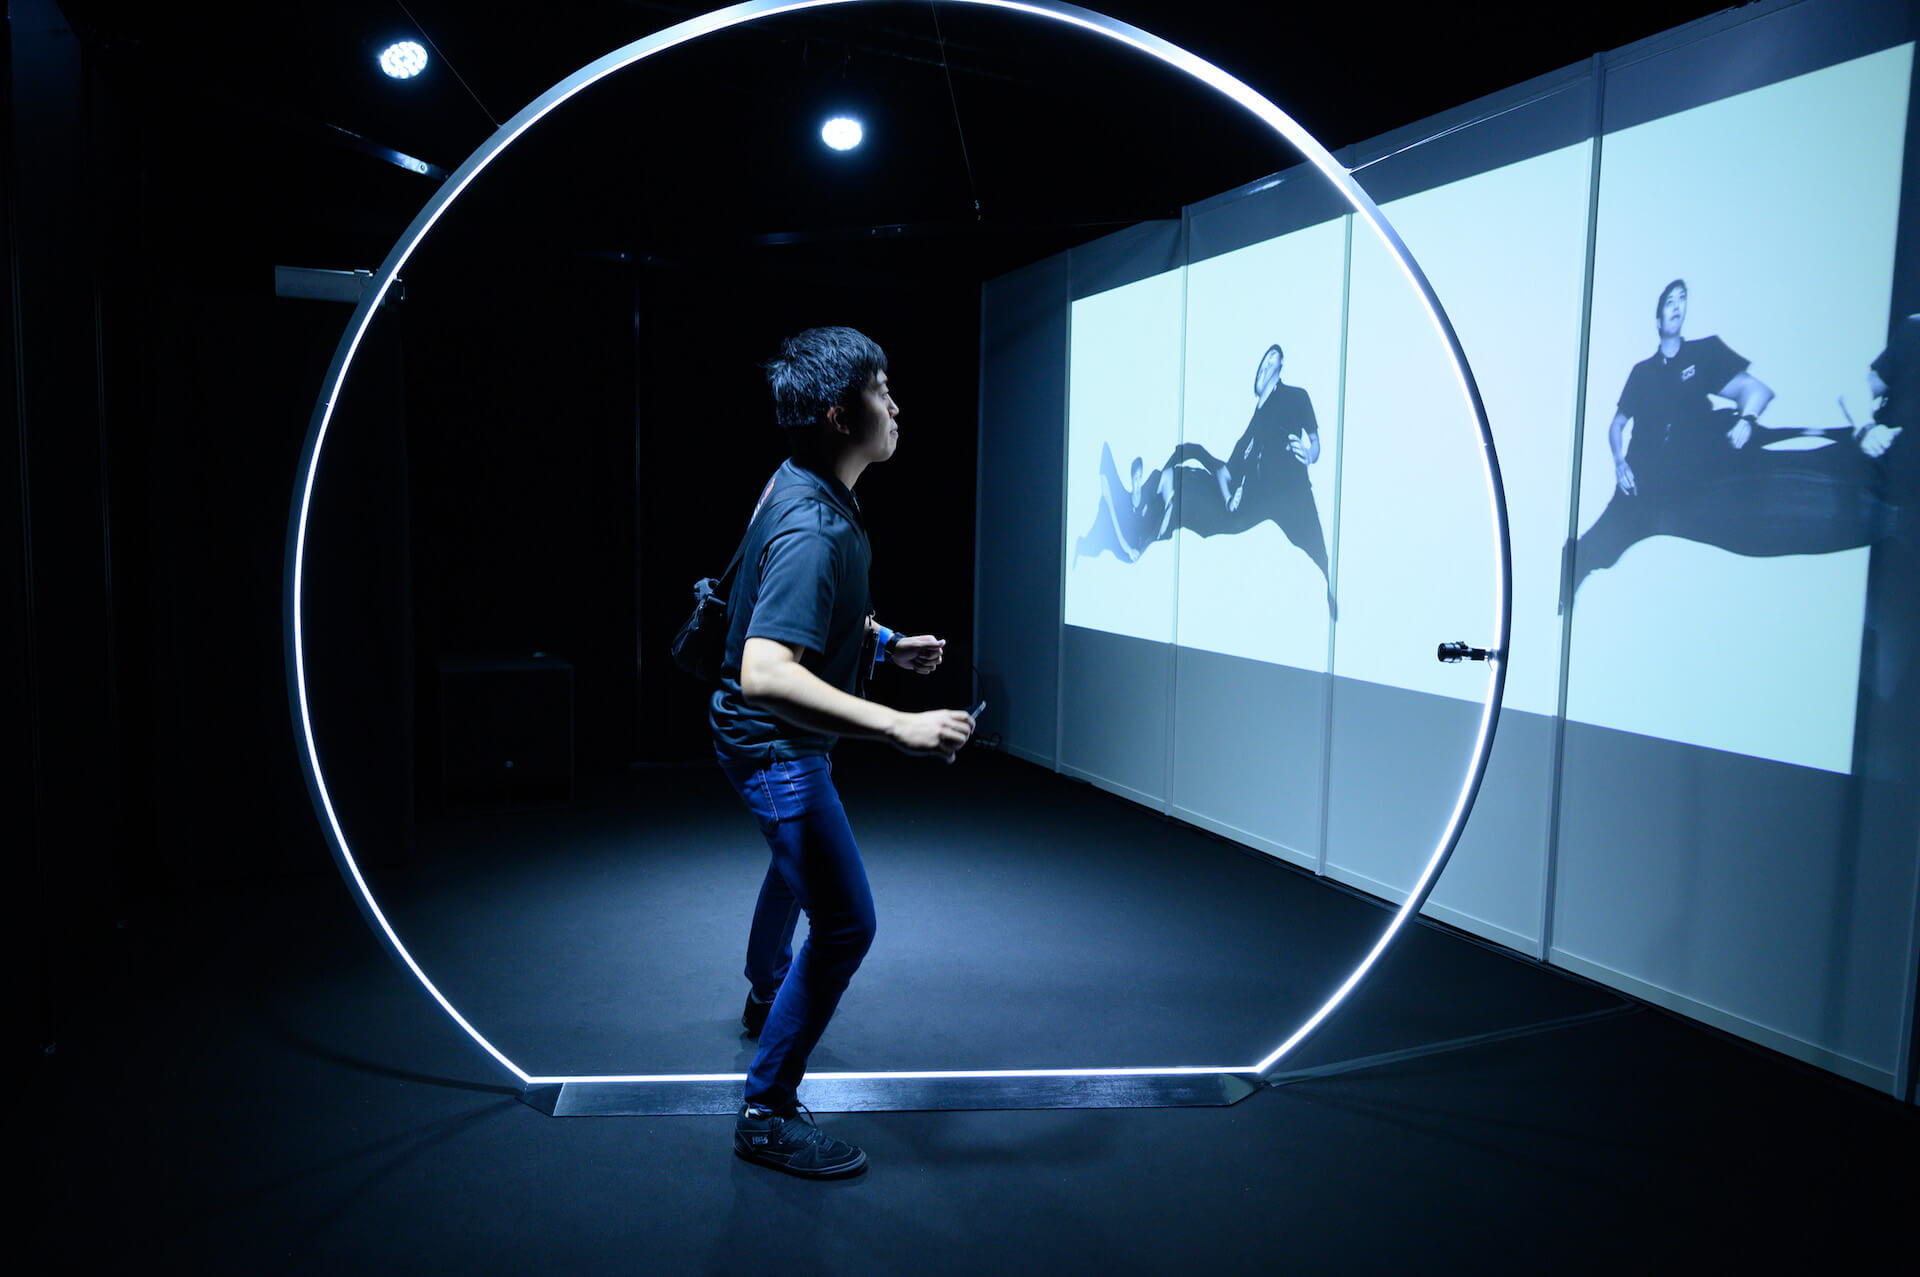 フォトレポート|Kode 9 & Koji Morimotoらが登場した電子音楽&デジタルアートの祭典「MUTEK.JP 2019」 music191219-mutek2019-8